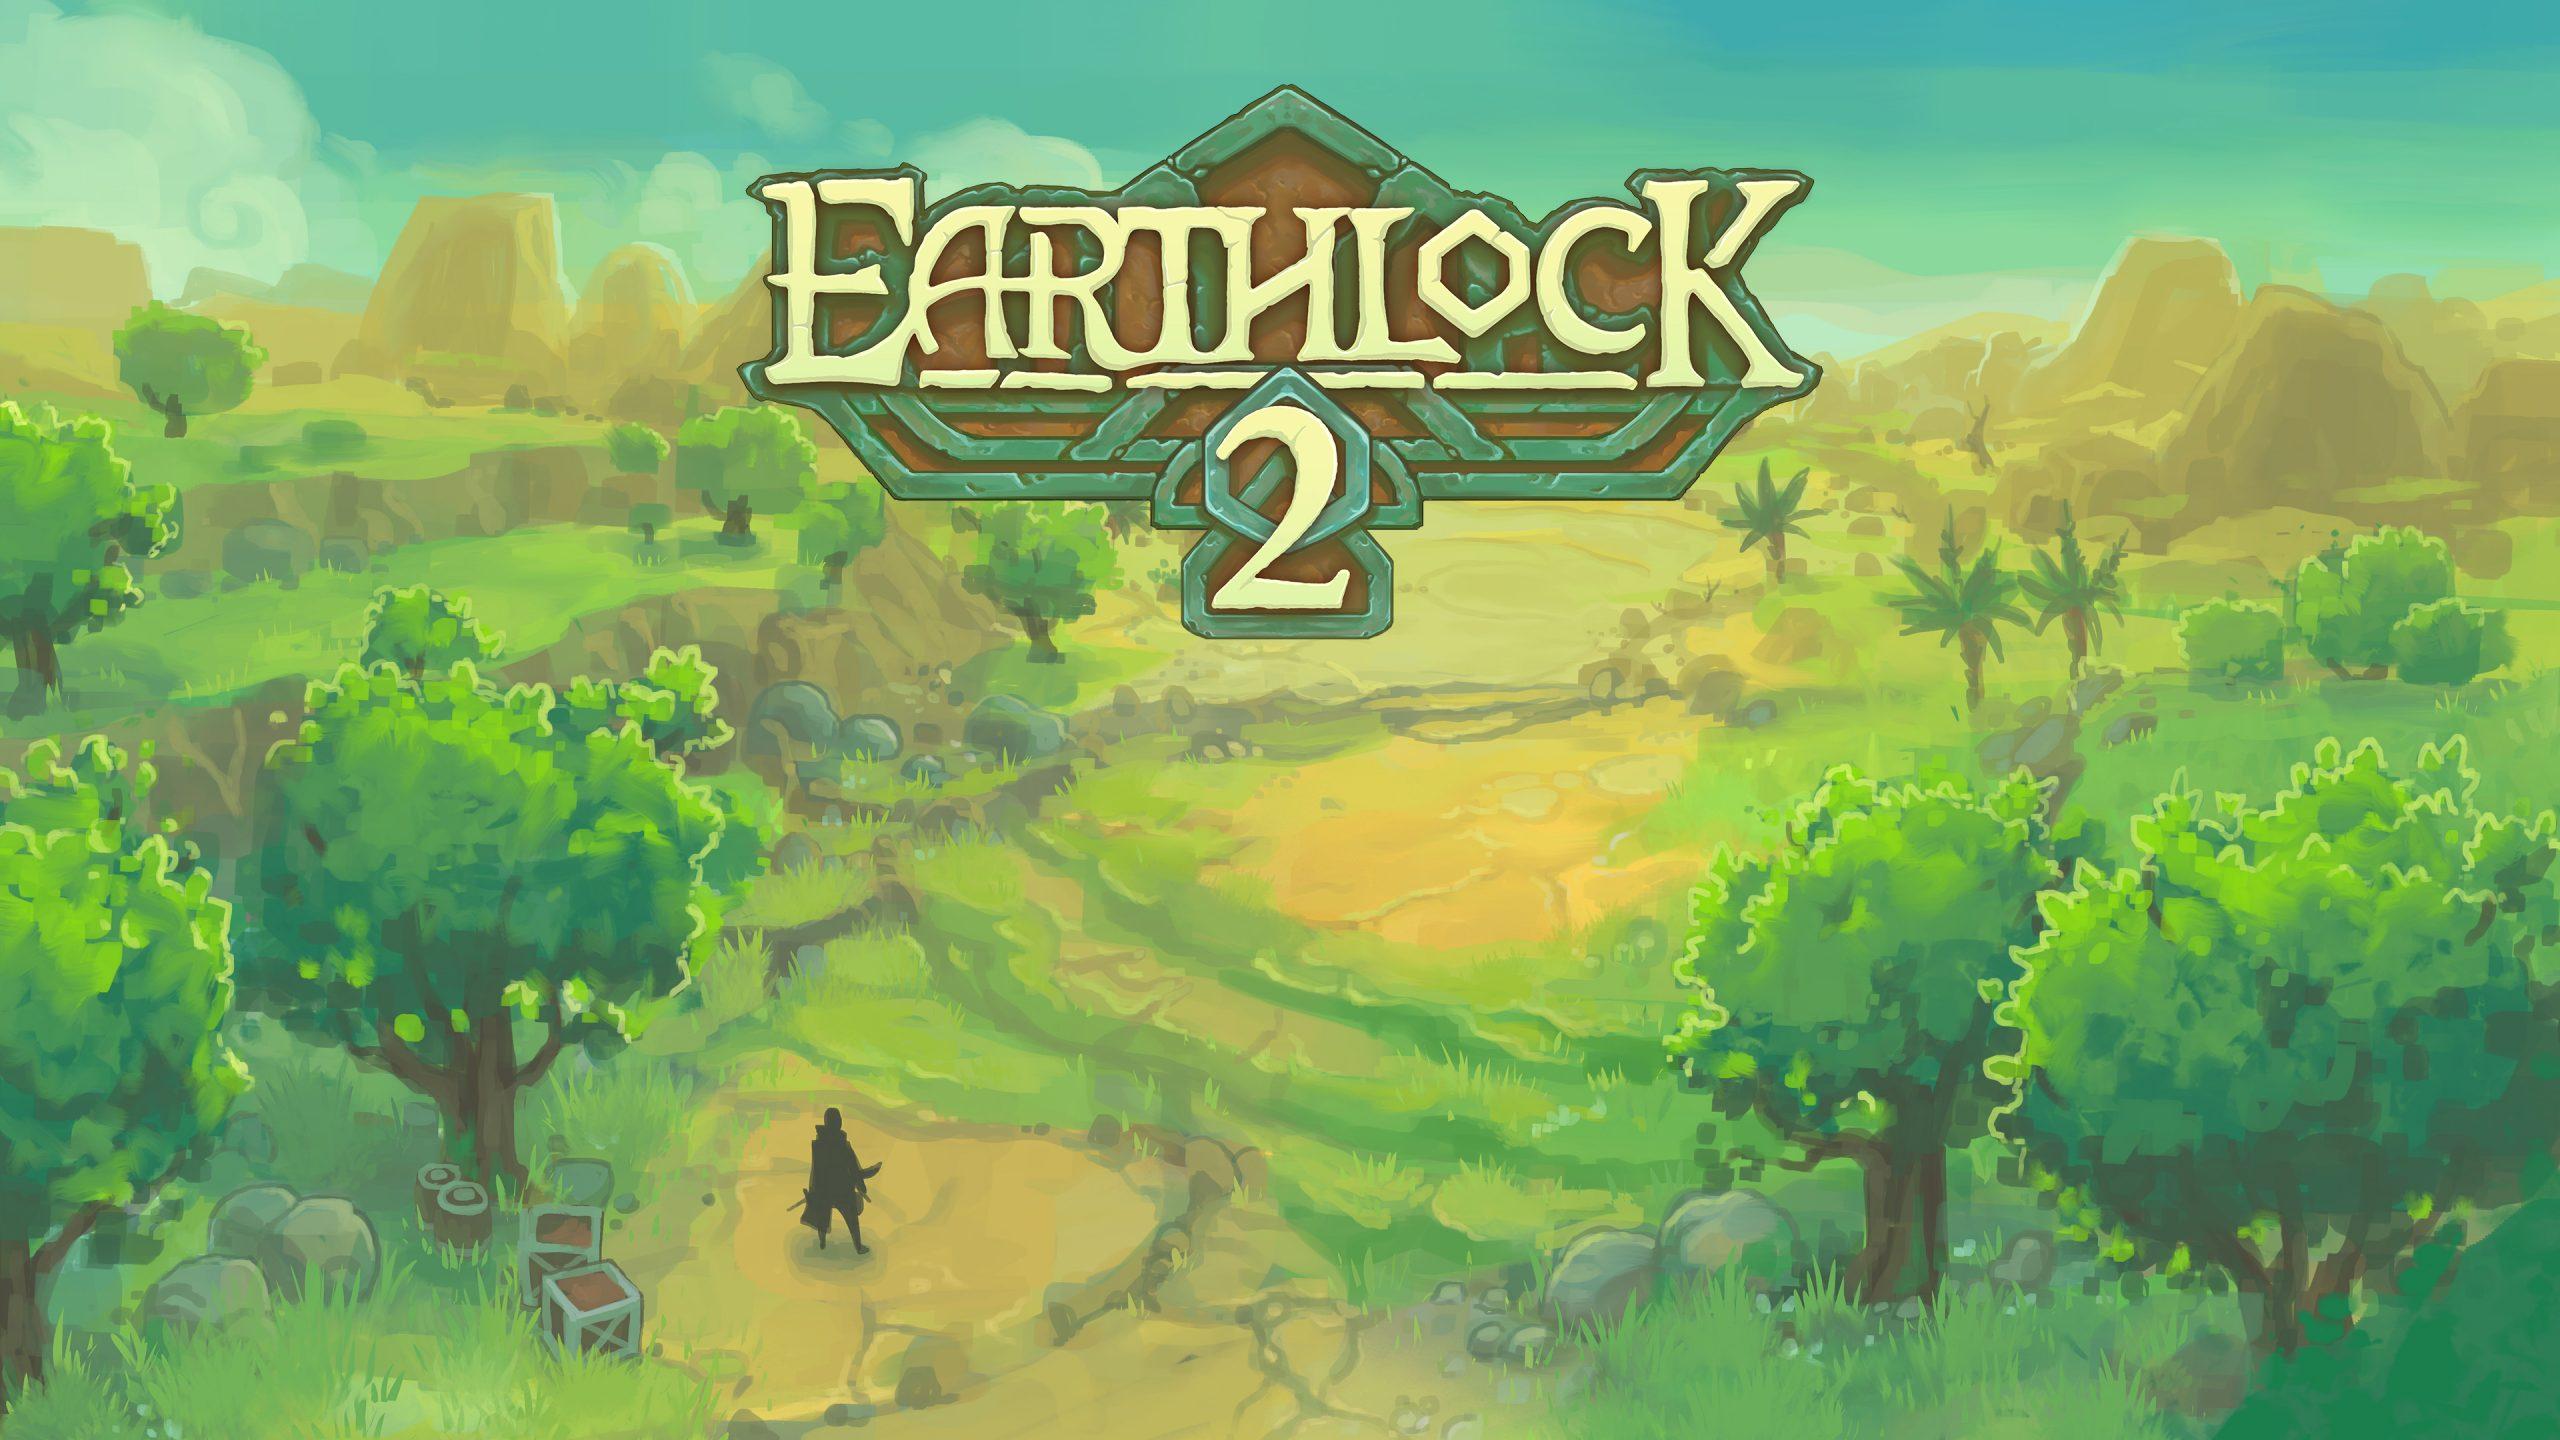 Earthlock 2